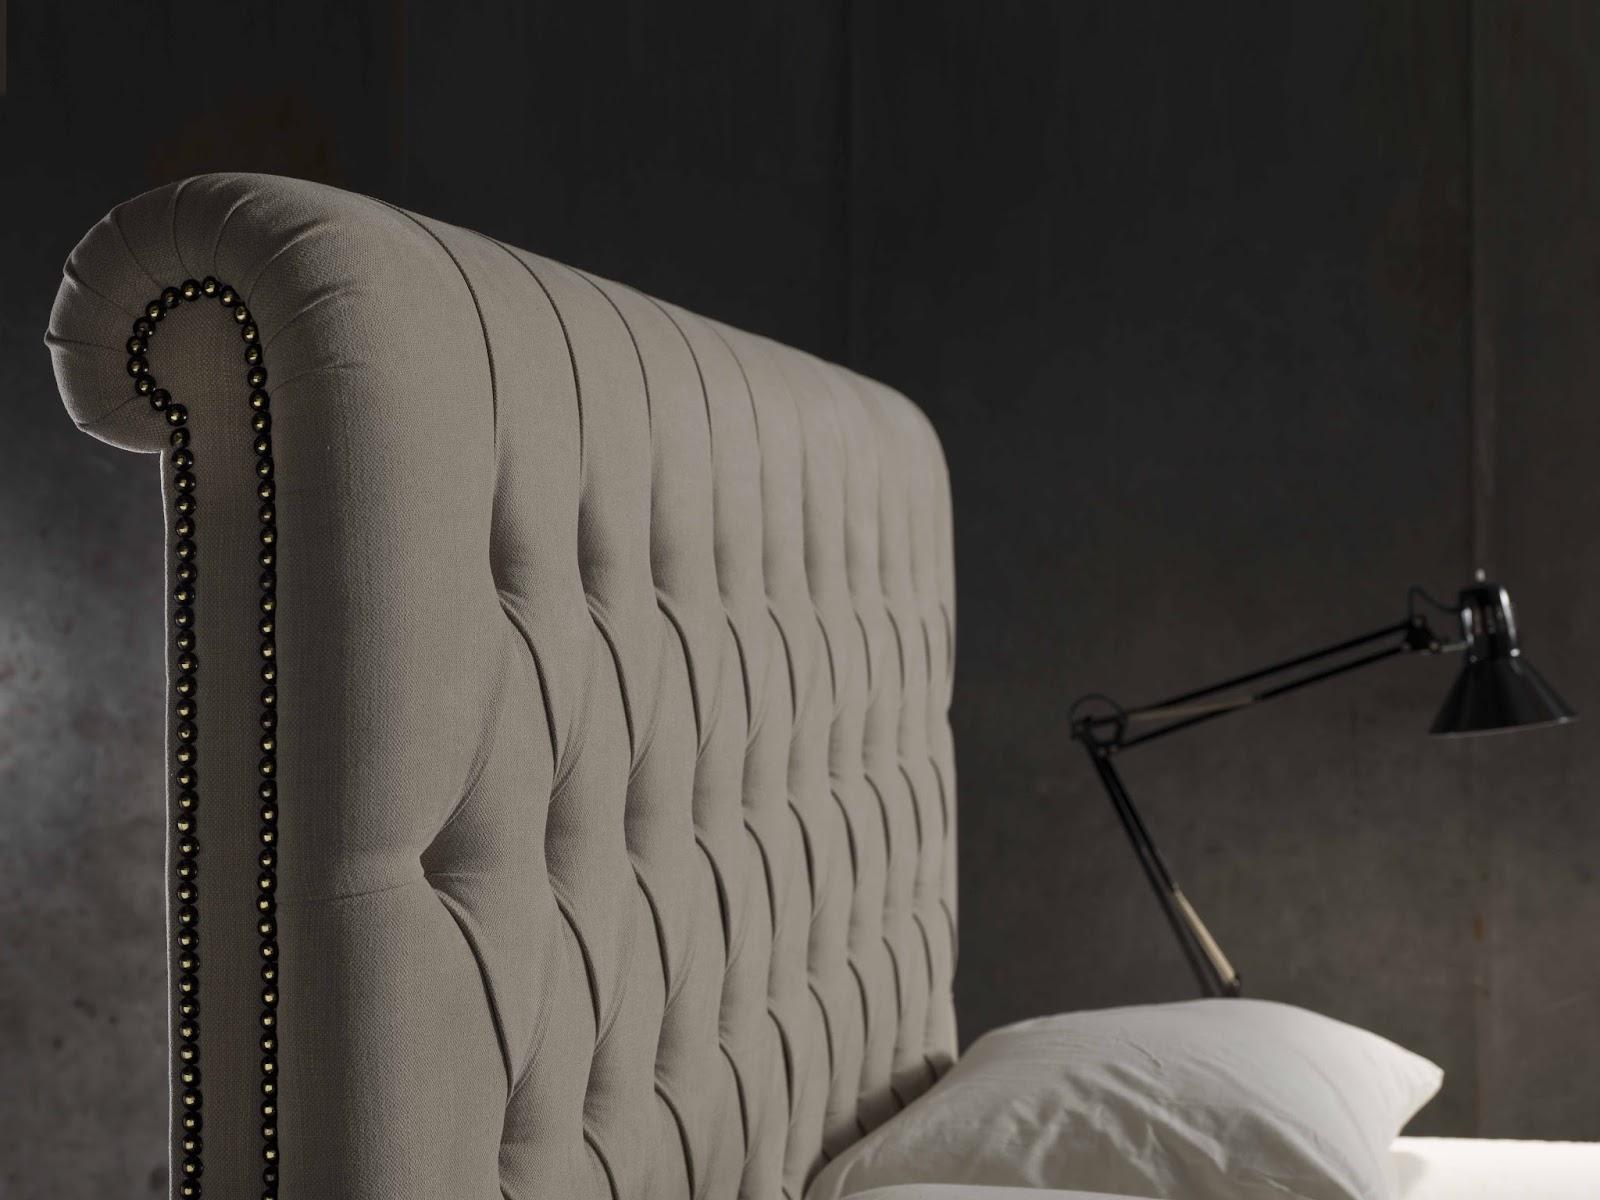 Santambrogio salotti: produzione e vendita di divani e letti anche